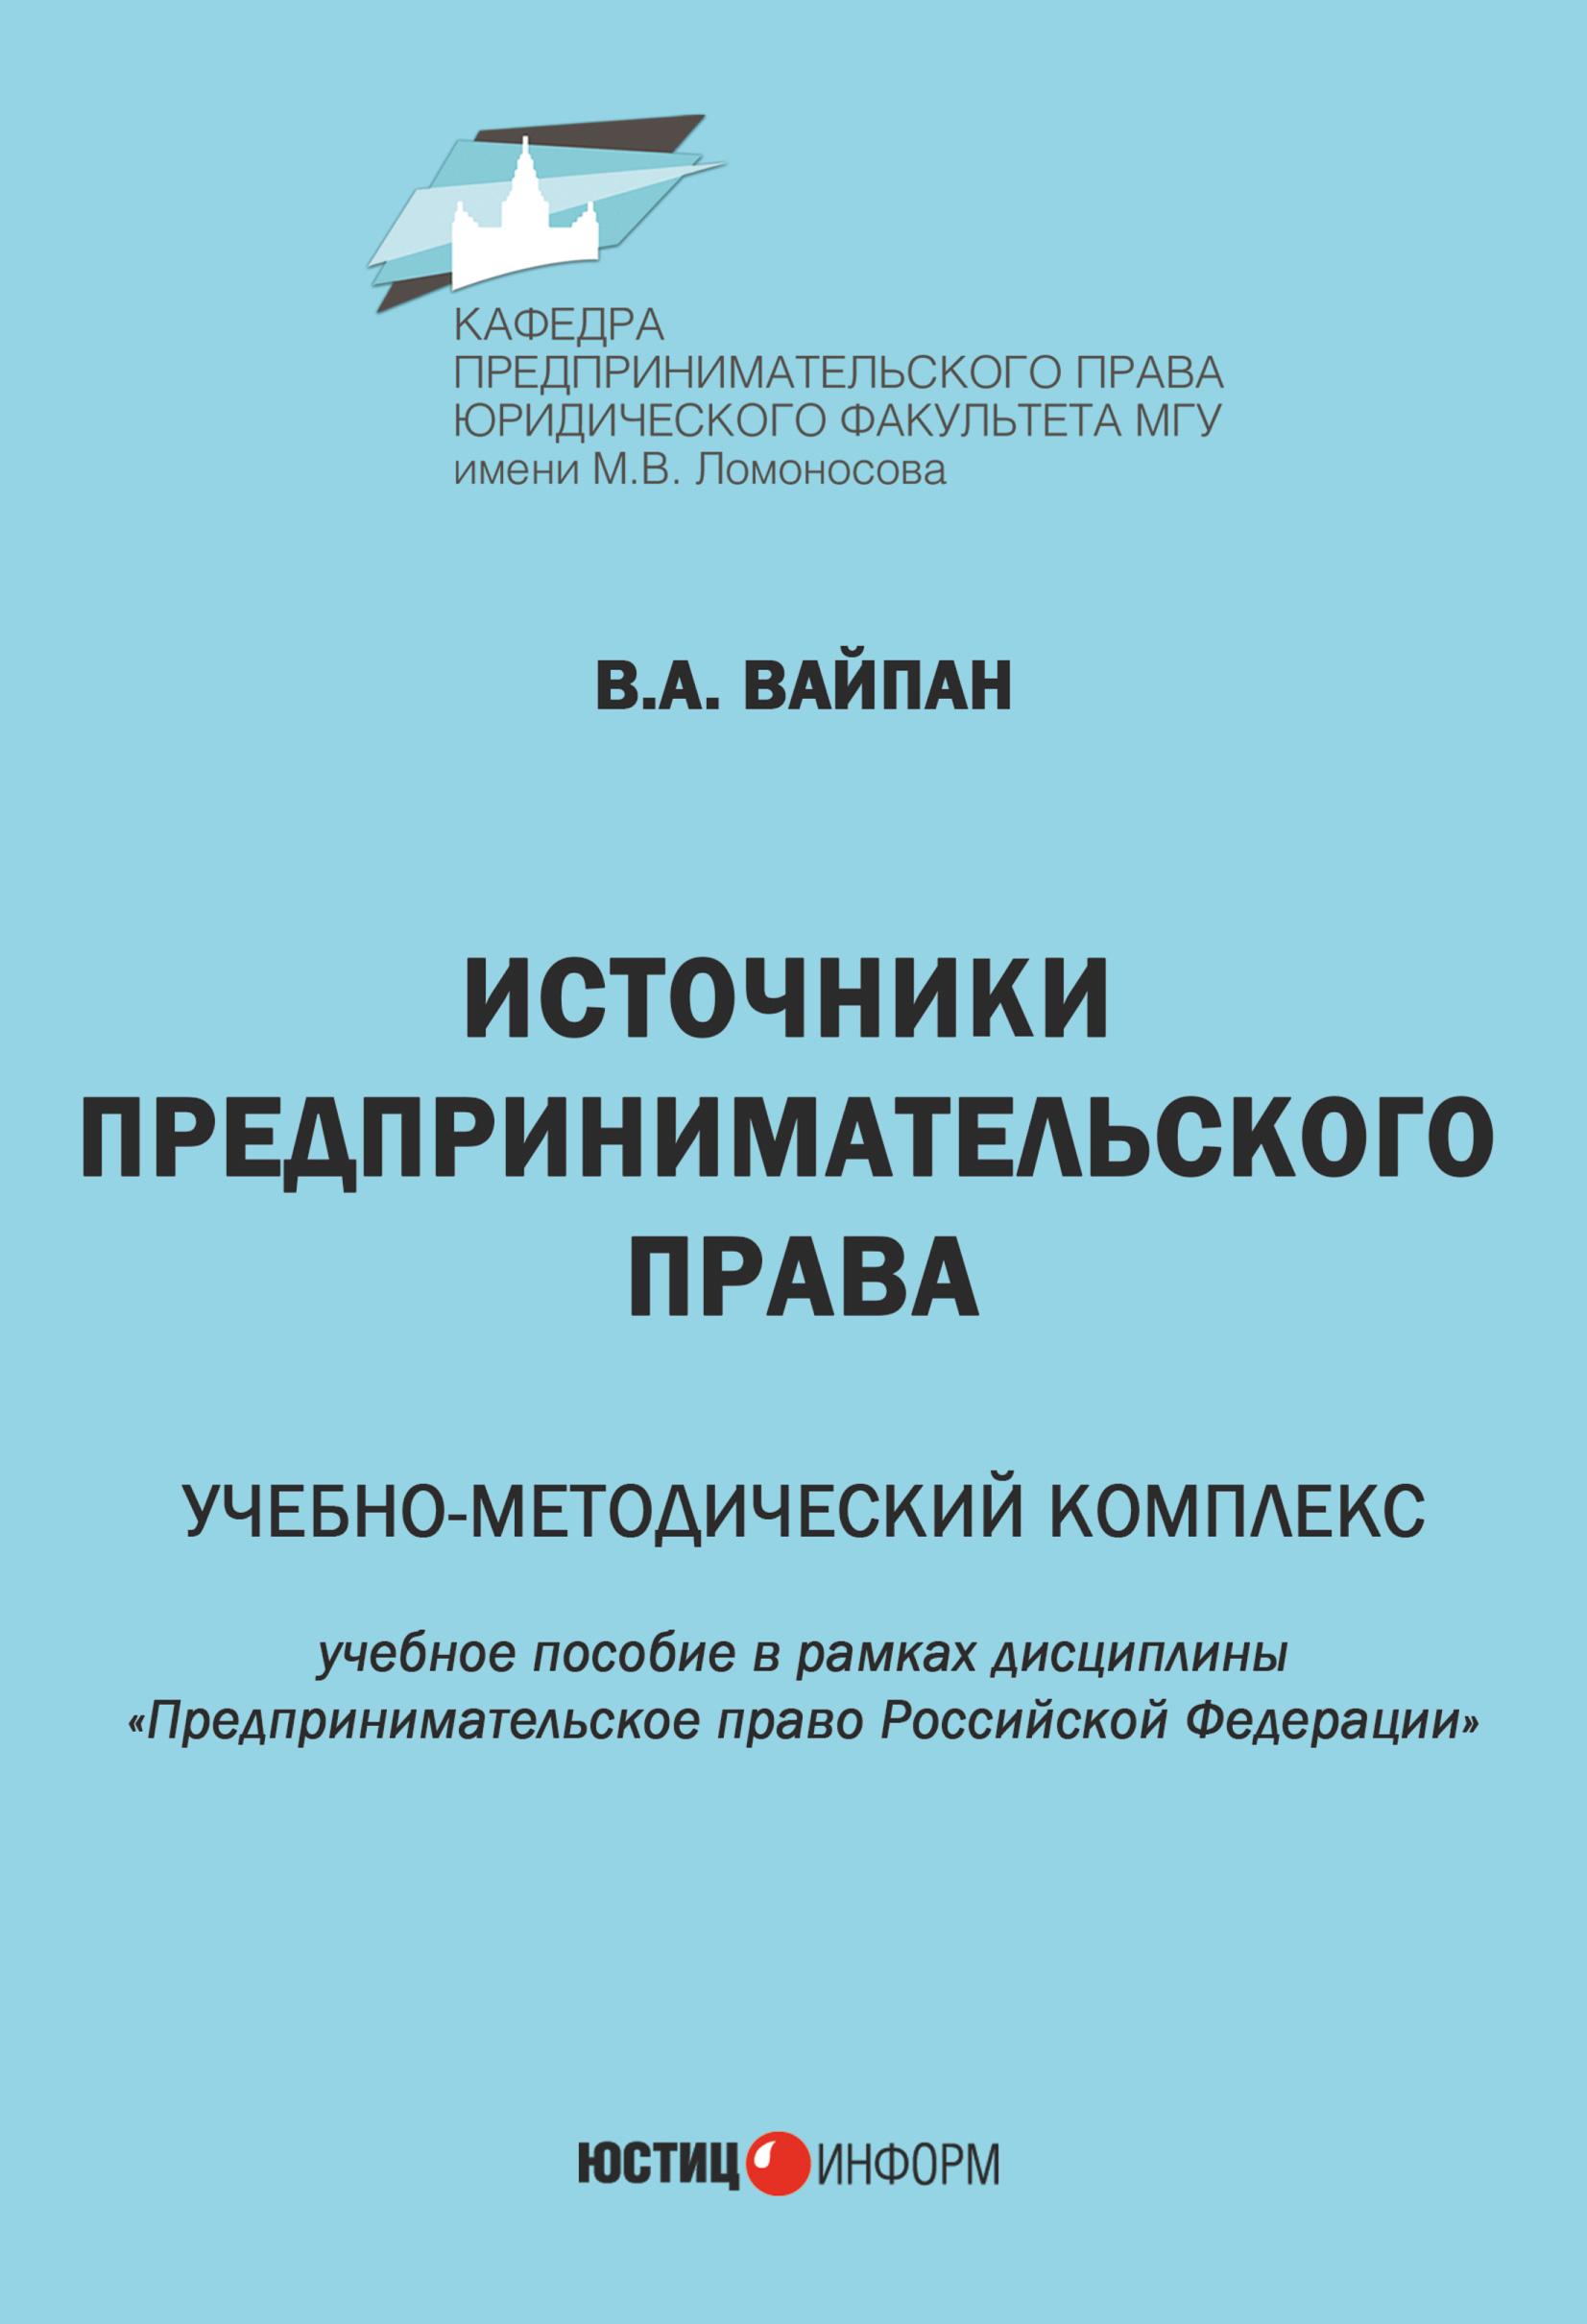 Виктор Алексеевич Вайпан Источники предпринимательского права. Учебно-методический комплекс